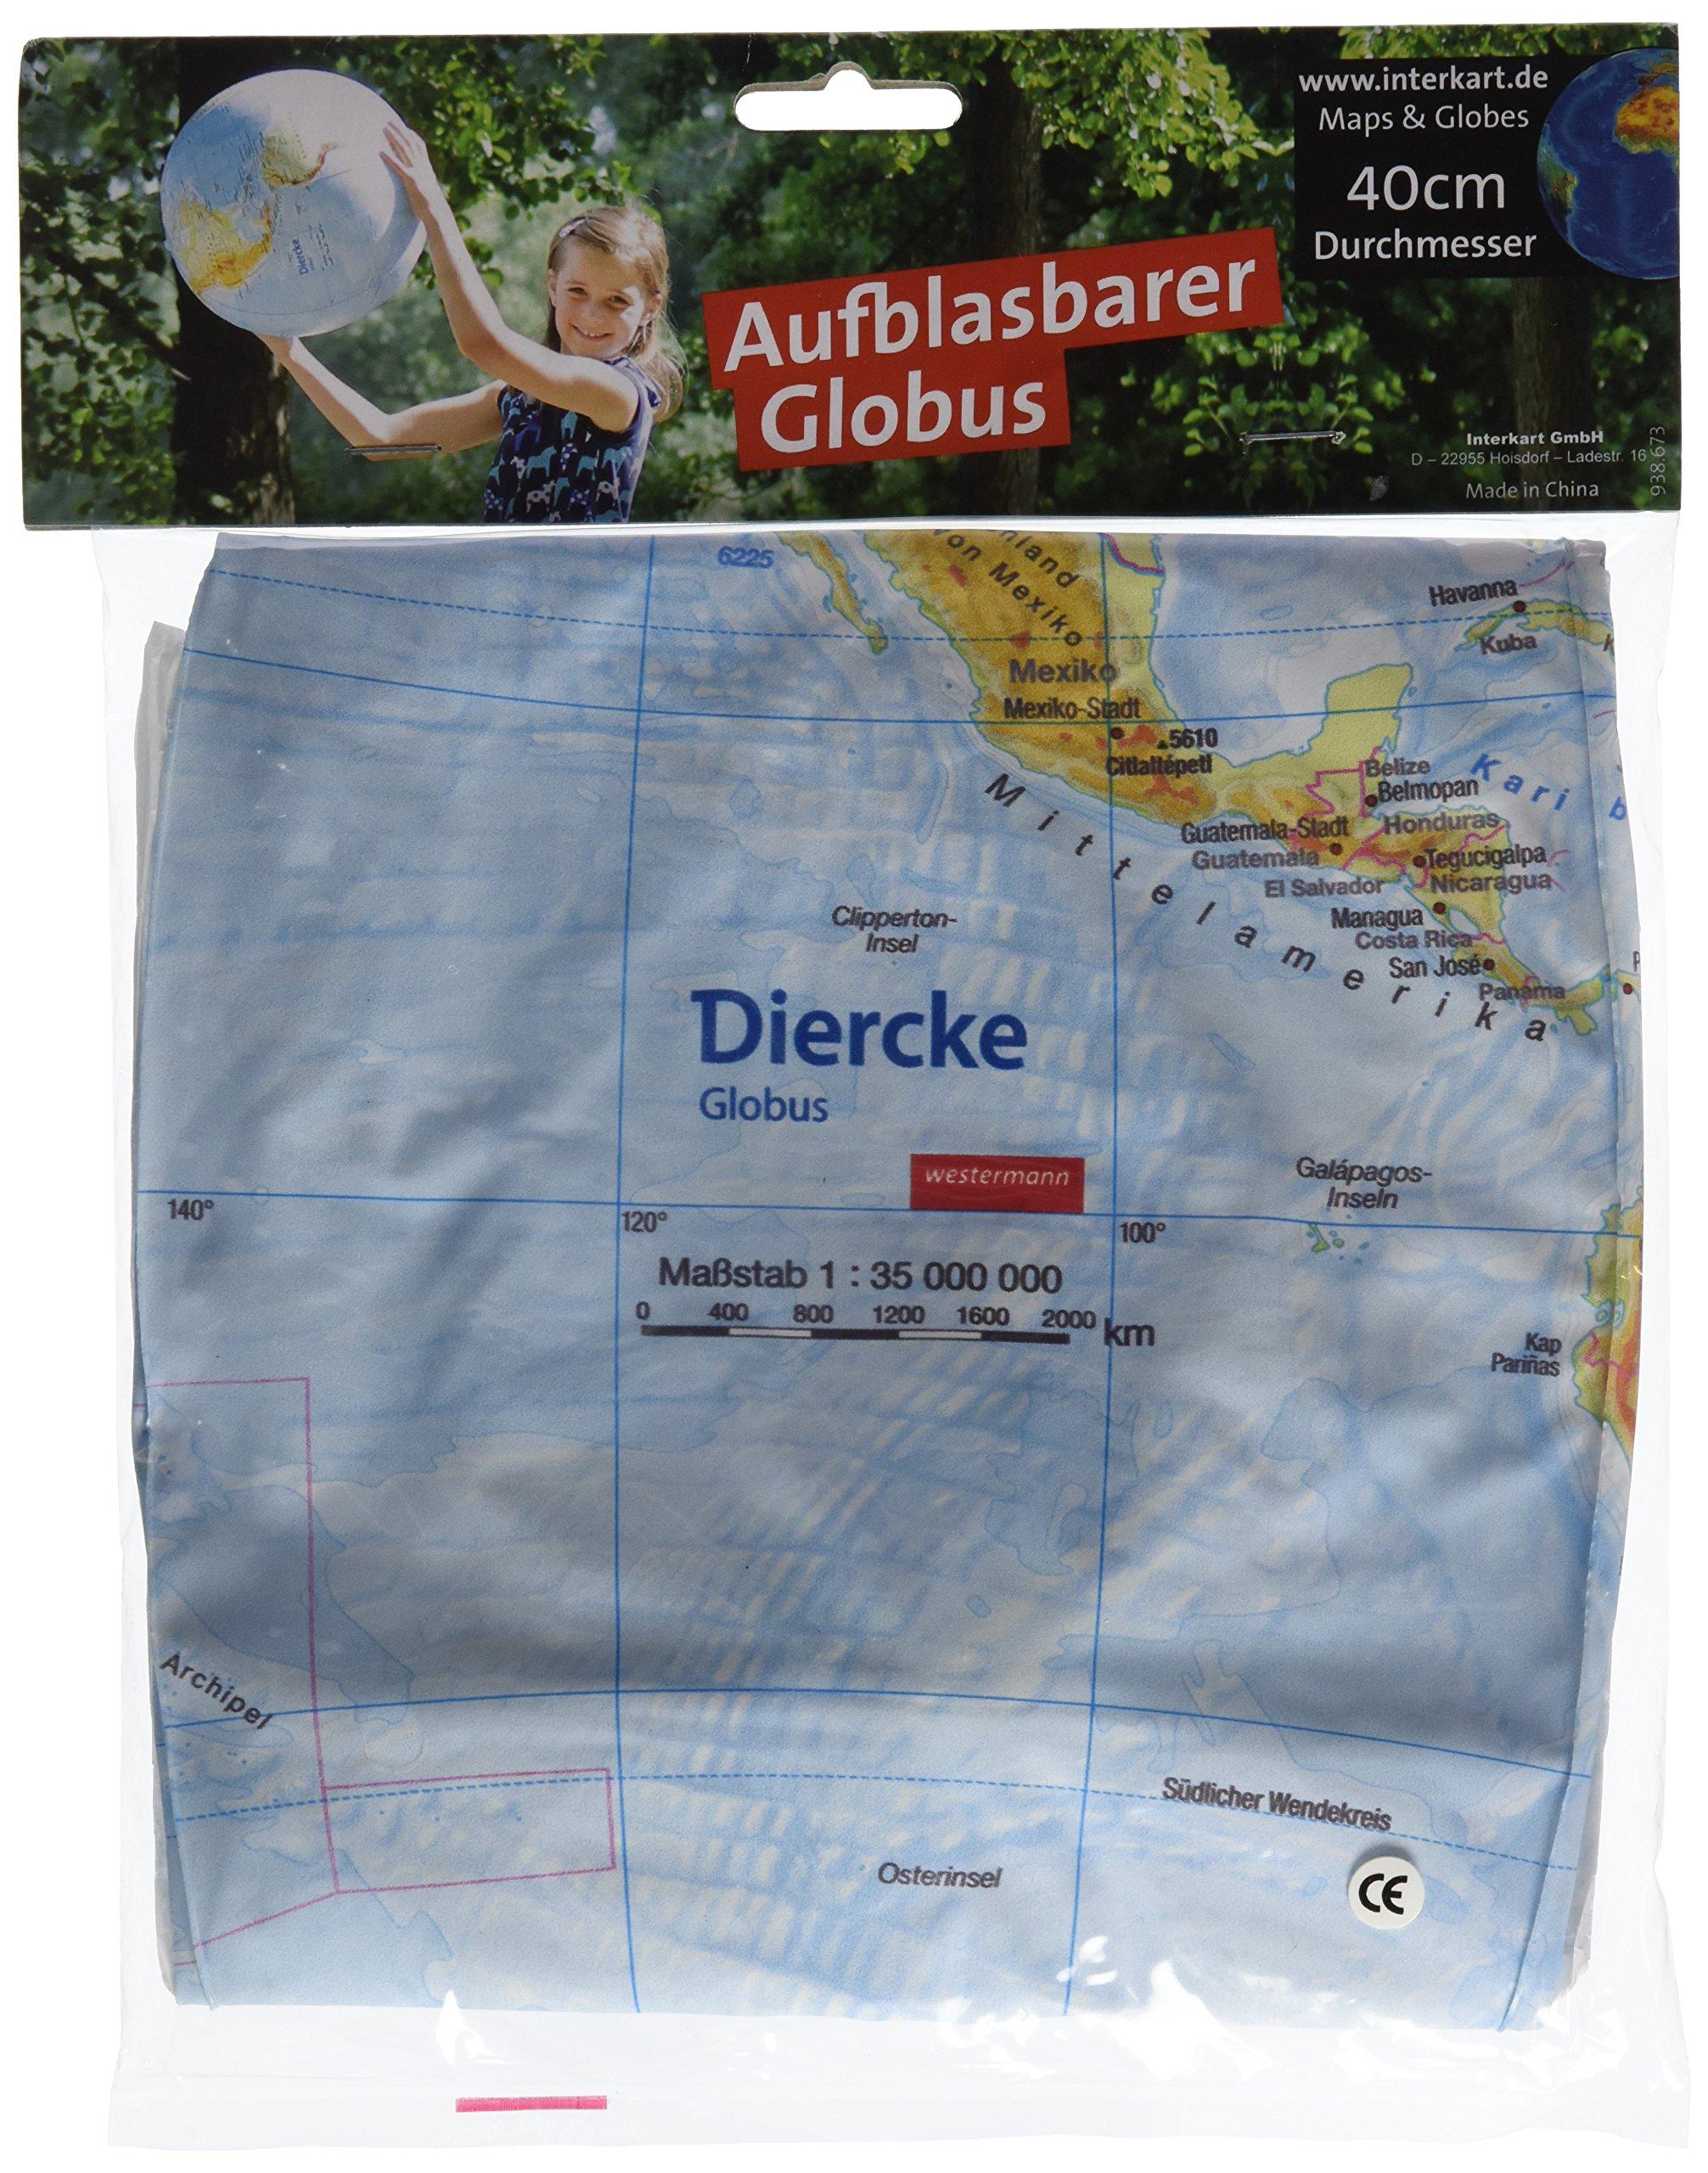 Topographischer Globus aufblasbar: aufblasbar, 40cm, deutsch Landkarte – Globe, 30. Mai 2015 Interkart Verlag B00EPFHWT8 012915 Pole